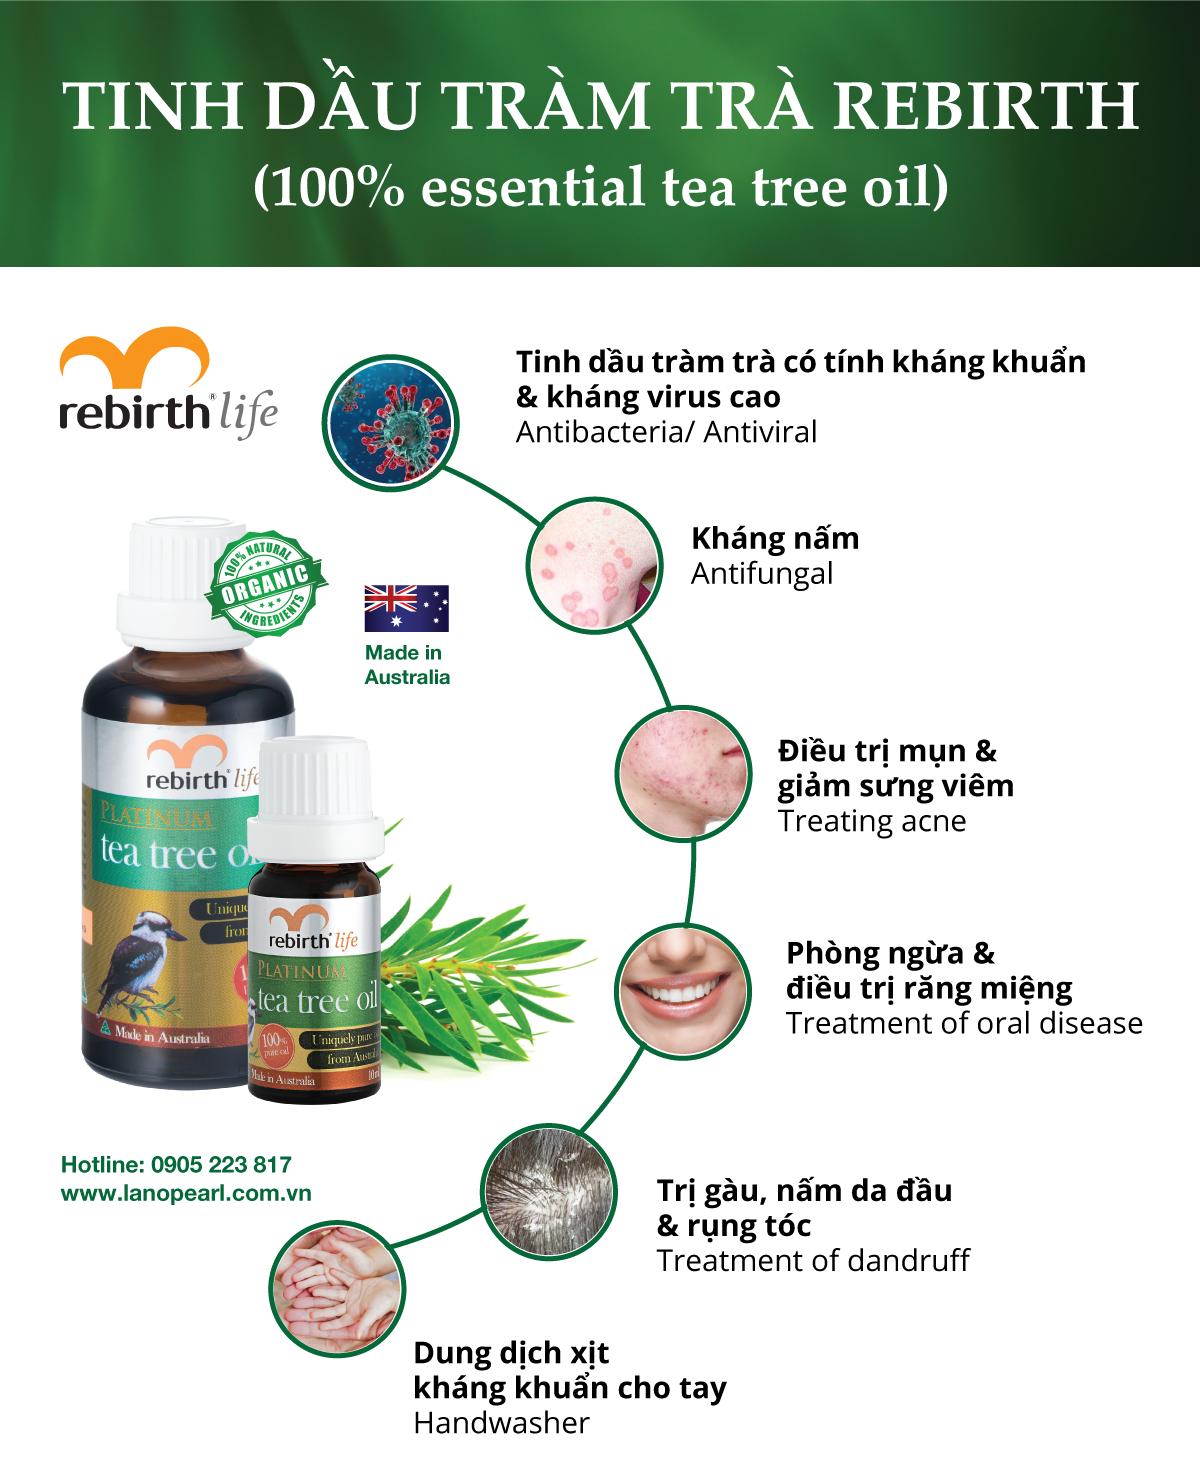 Công dụng tinh dầu tràm trà kháng khuẩn, trị mụn, kháng virus - Tea tree oil